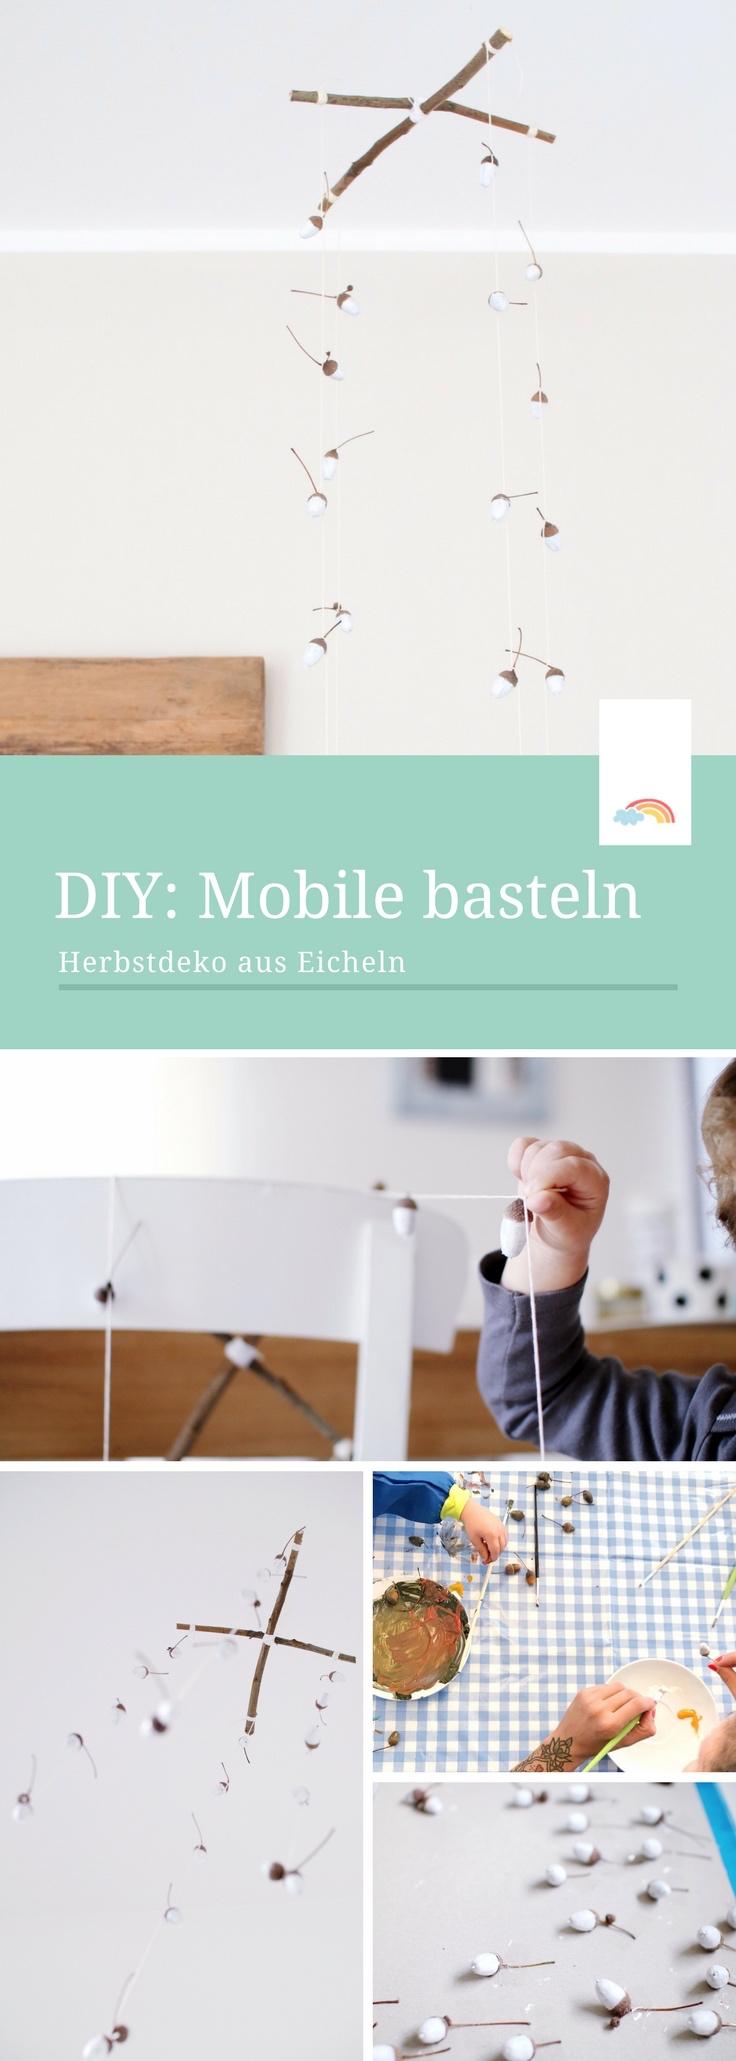 Mobile basteln mit Eicheln - Herbstdeko aus Naturmaterialien - ein einfaches DIY mit viel Spaß beim Basteln mit Kindern